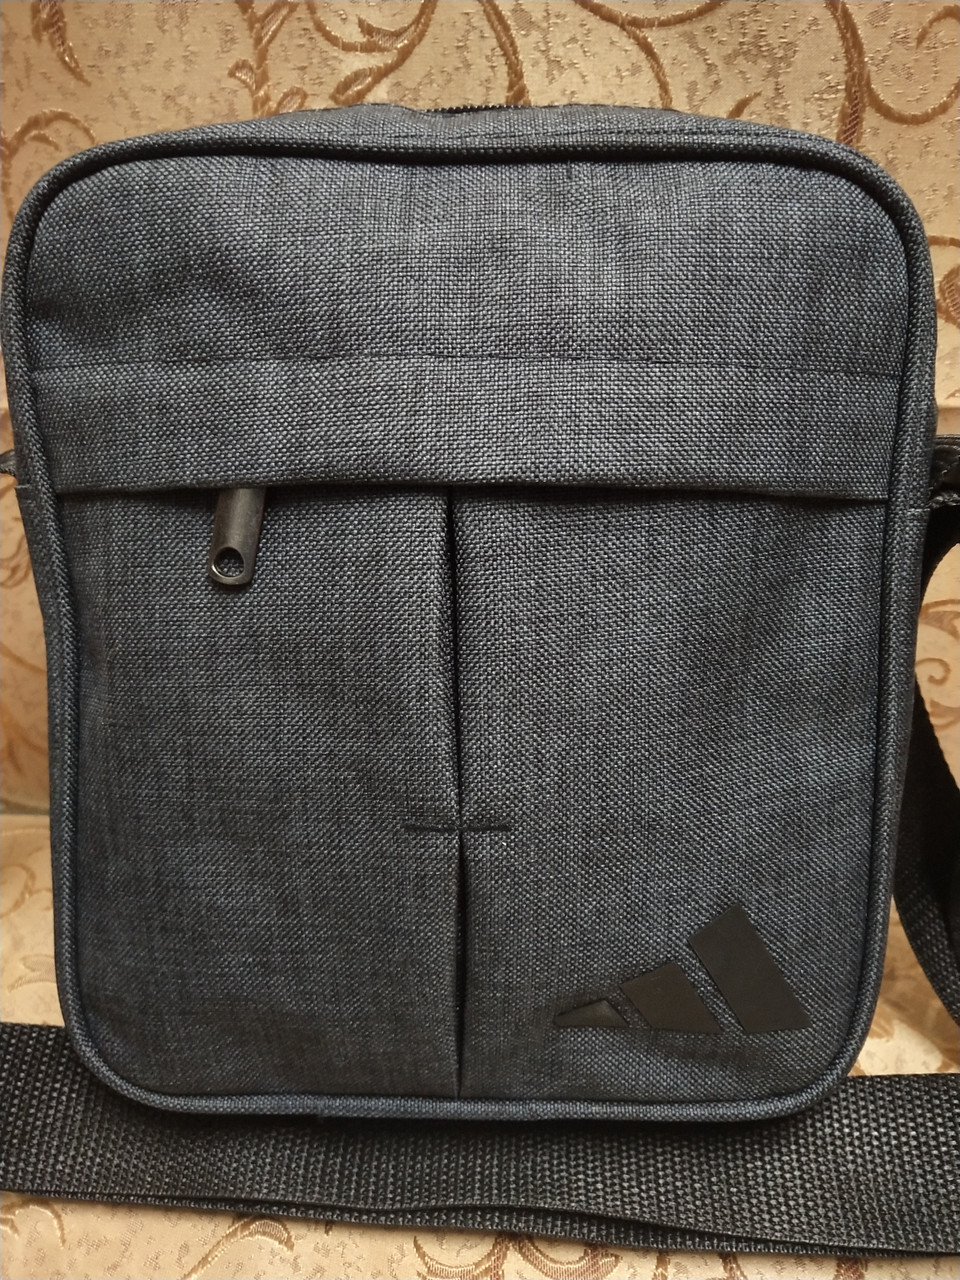 (Новый стиль)Барсетка adidas ткань катион матовый/Сумка спортивные мессенджер для через плечо Унисекс ОПТ